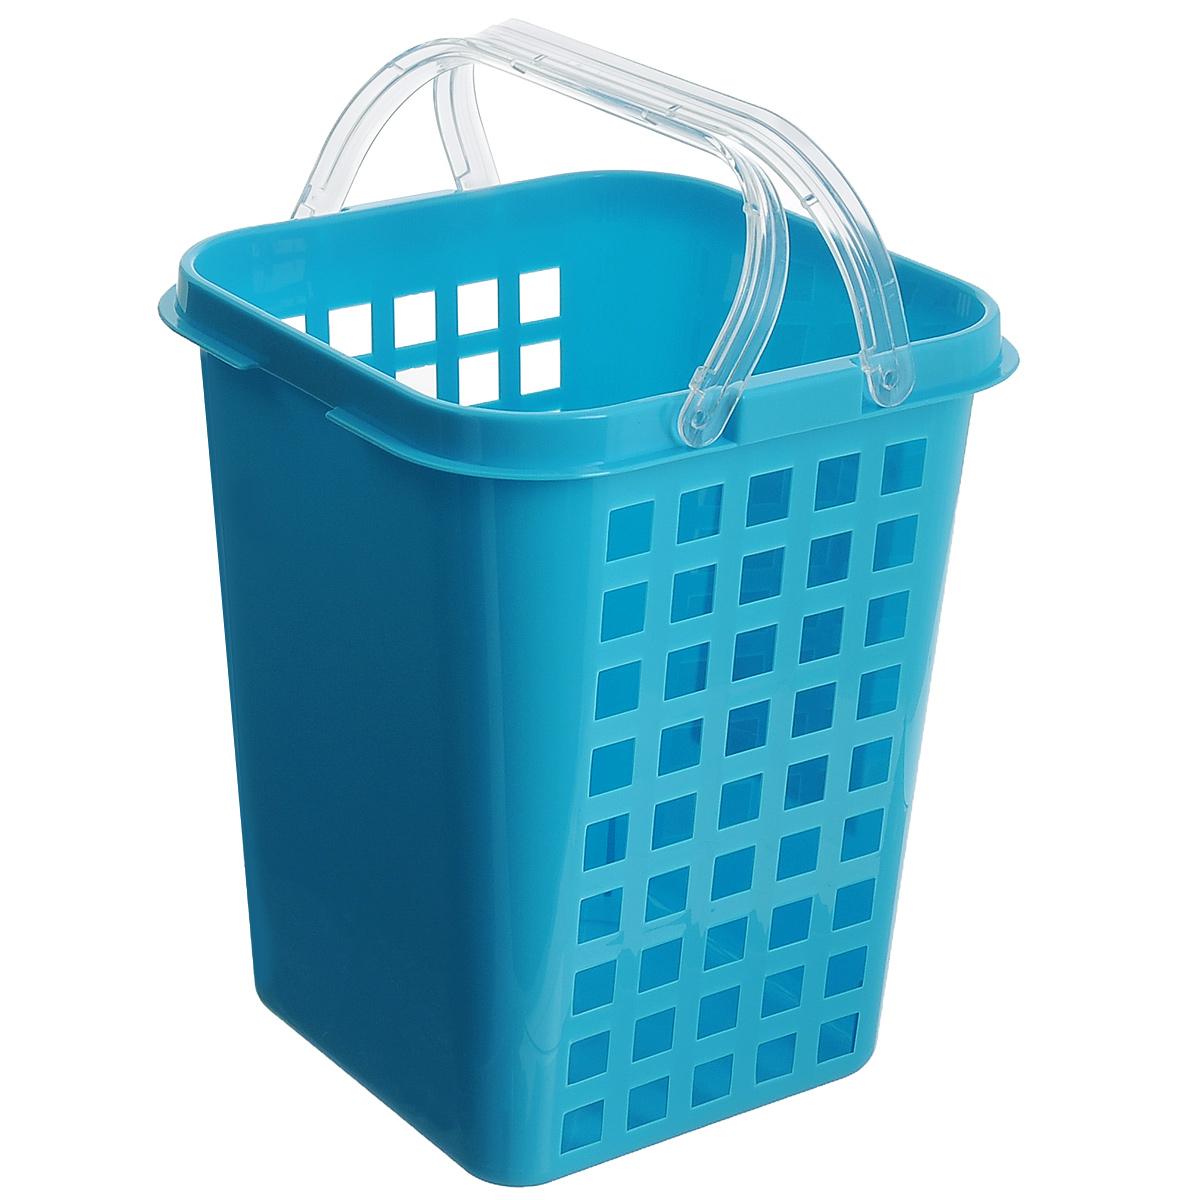 Корзина универсальная Econova, с ручками, цвет: голубой, 19 см х 18,5 см х 23 см718339Универсальная корзина Econova, изготовленная из пластика, прекрасно подойдет для хранения бытовой химии, мелкого белья, домашних мелочей, металлических инструментов и других предметов. Корпус корзины декорирован перфорацией. Благодаря двум ручкам ее легко переносить с места на место. Размер корзины: 19 см х 18,5 см х 23 см.